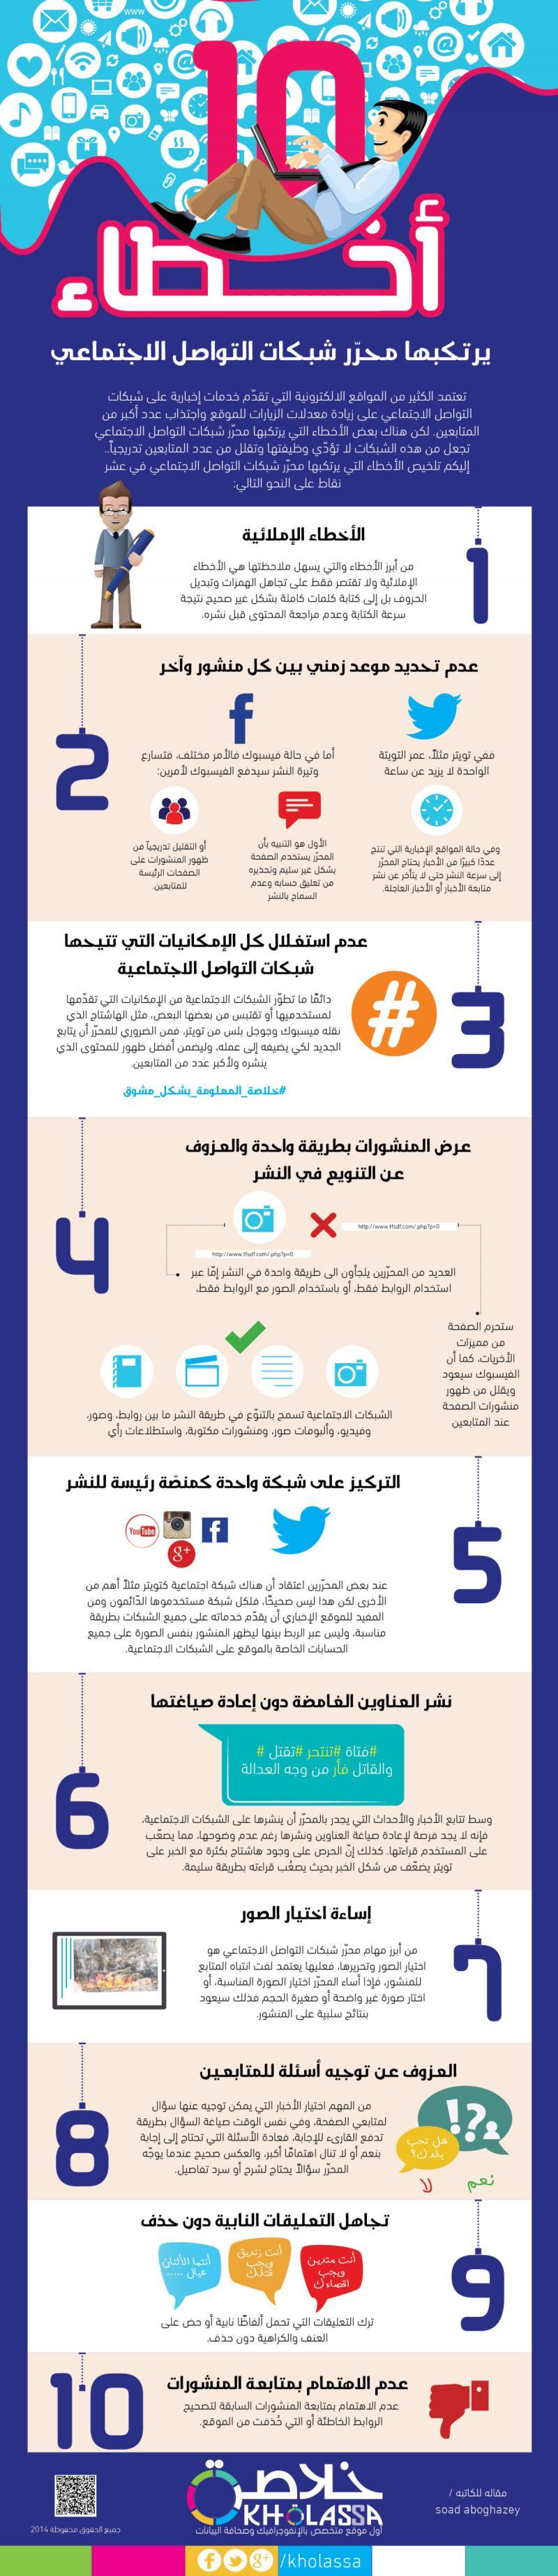 #انفوجرافيك عشرة أخطاء يرتكبها محرر شبكات التواصل الاجتماعي #اعلام_اجتماعي #شبكات_اجتماعية